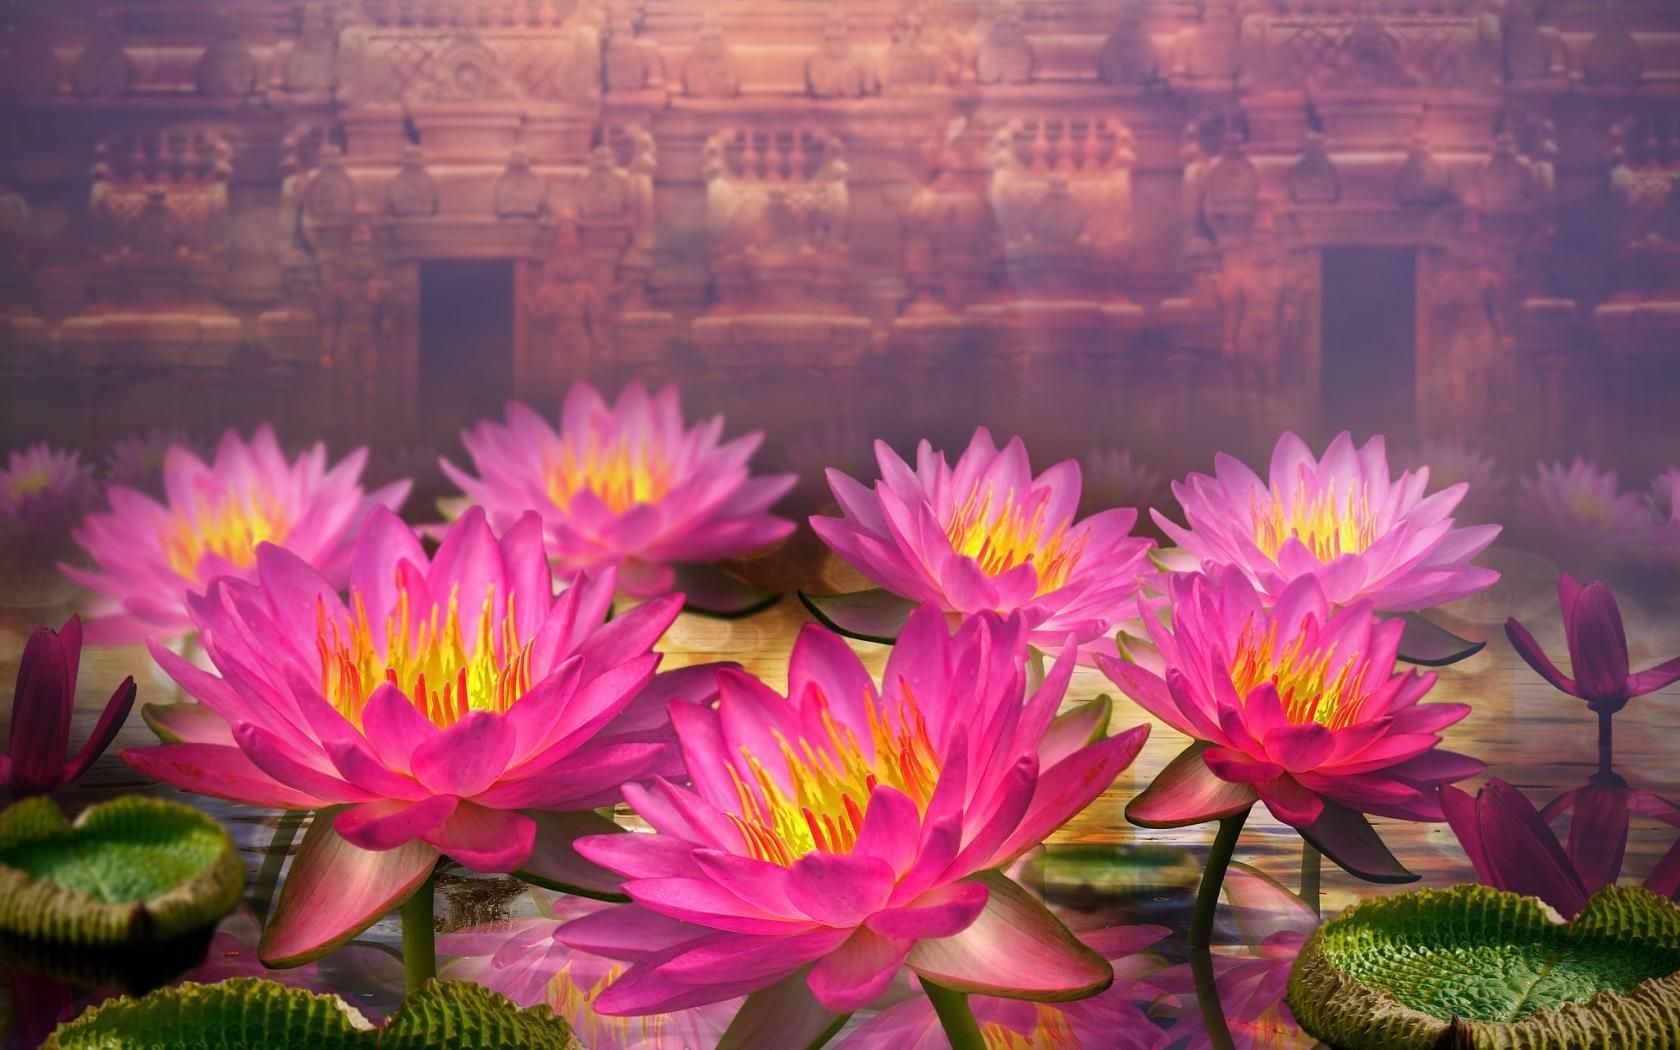 Lotus Flower Wallpapers 1680x1050 Desktop Backgrounds